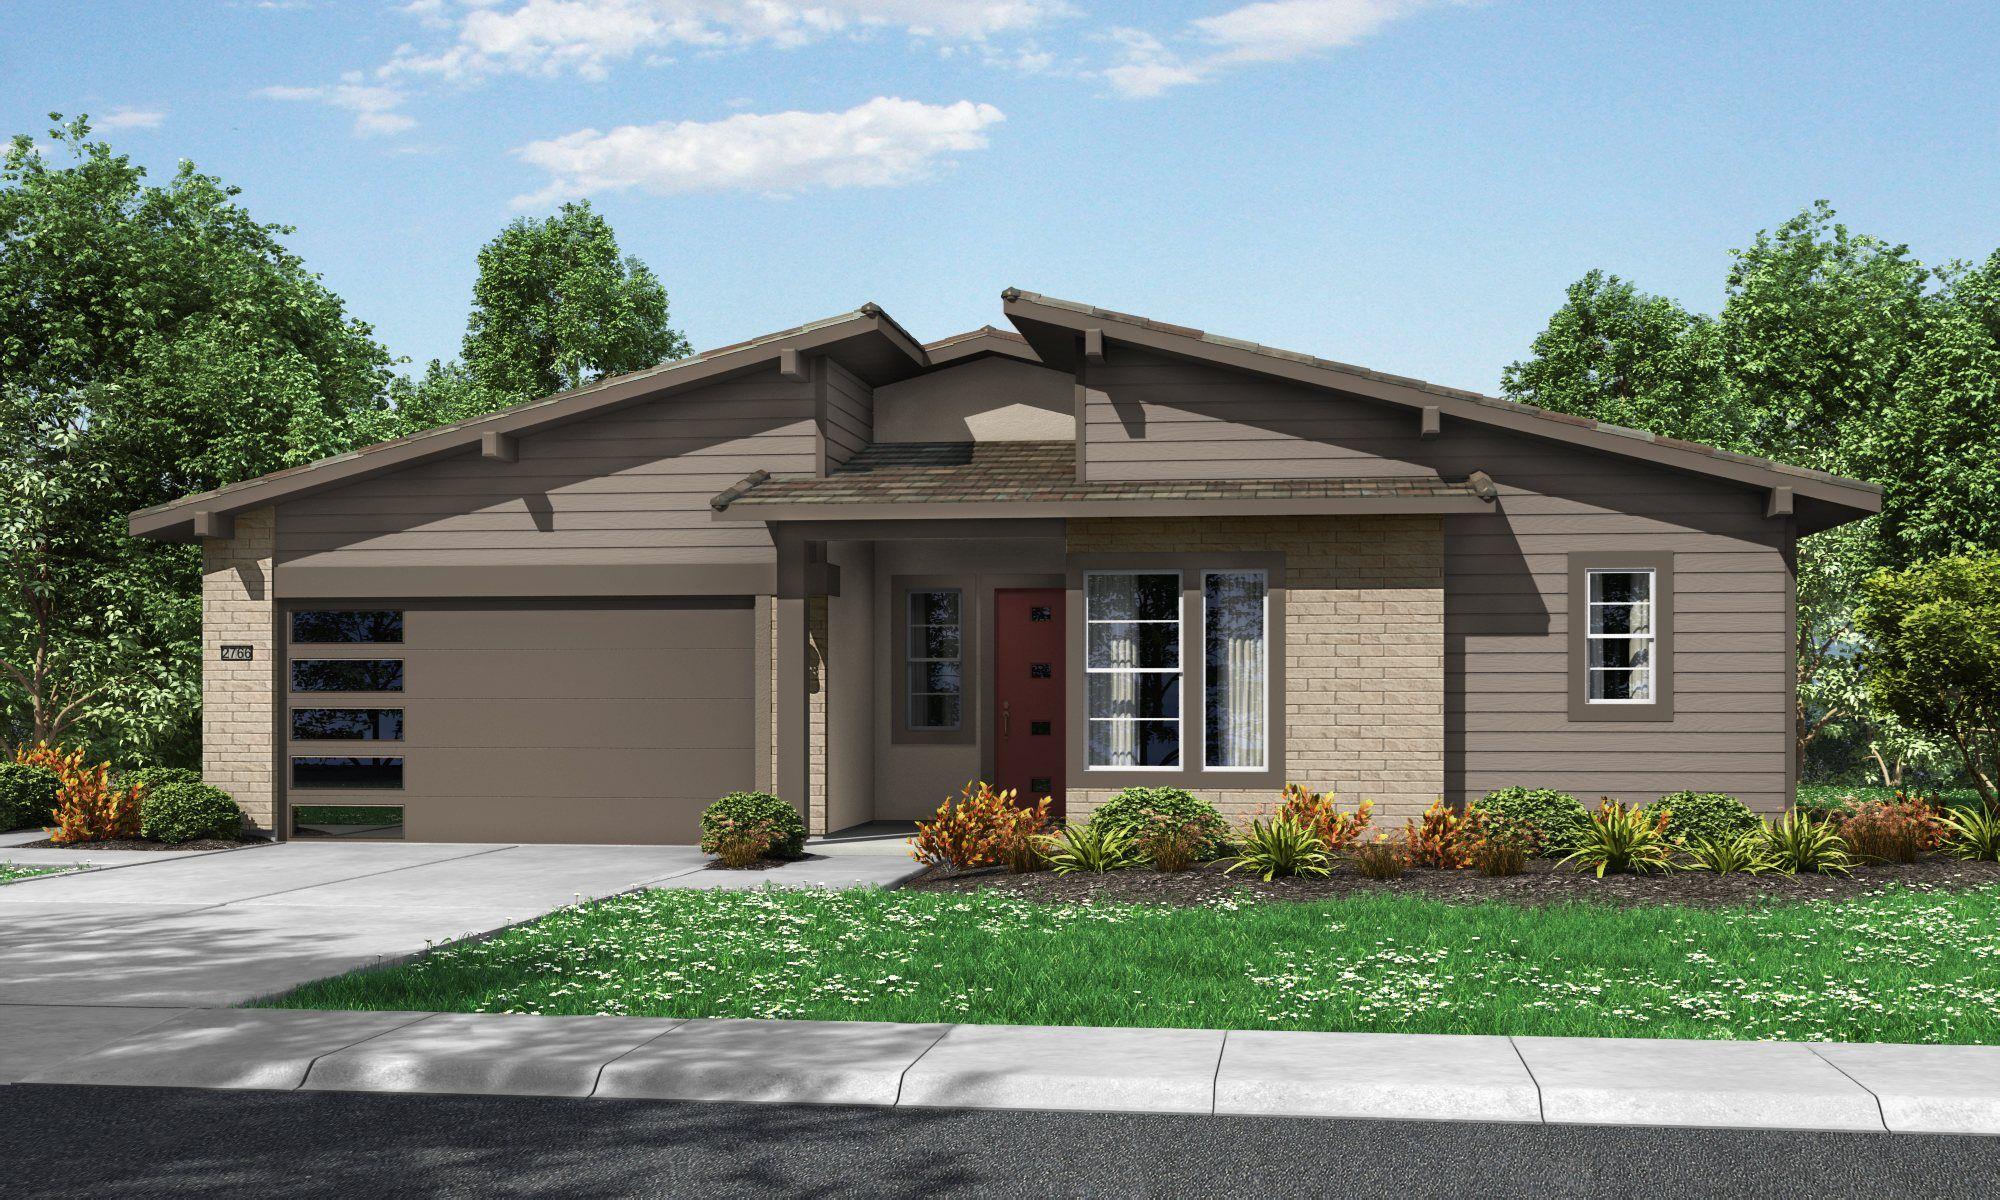 Multi Family Homes For Sale In Roseville Ca